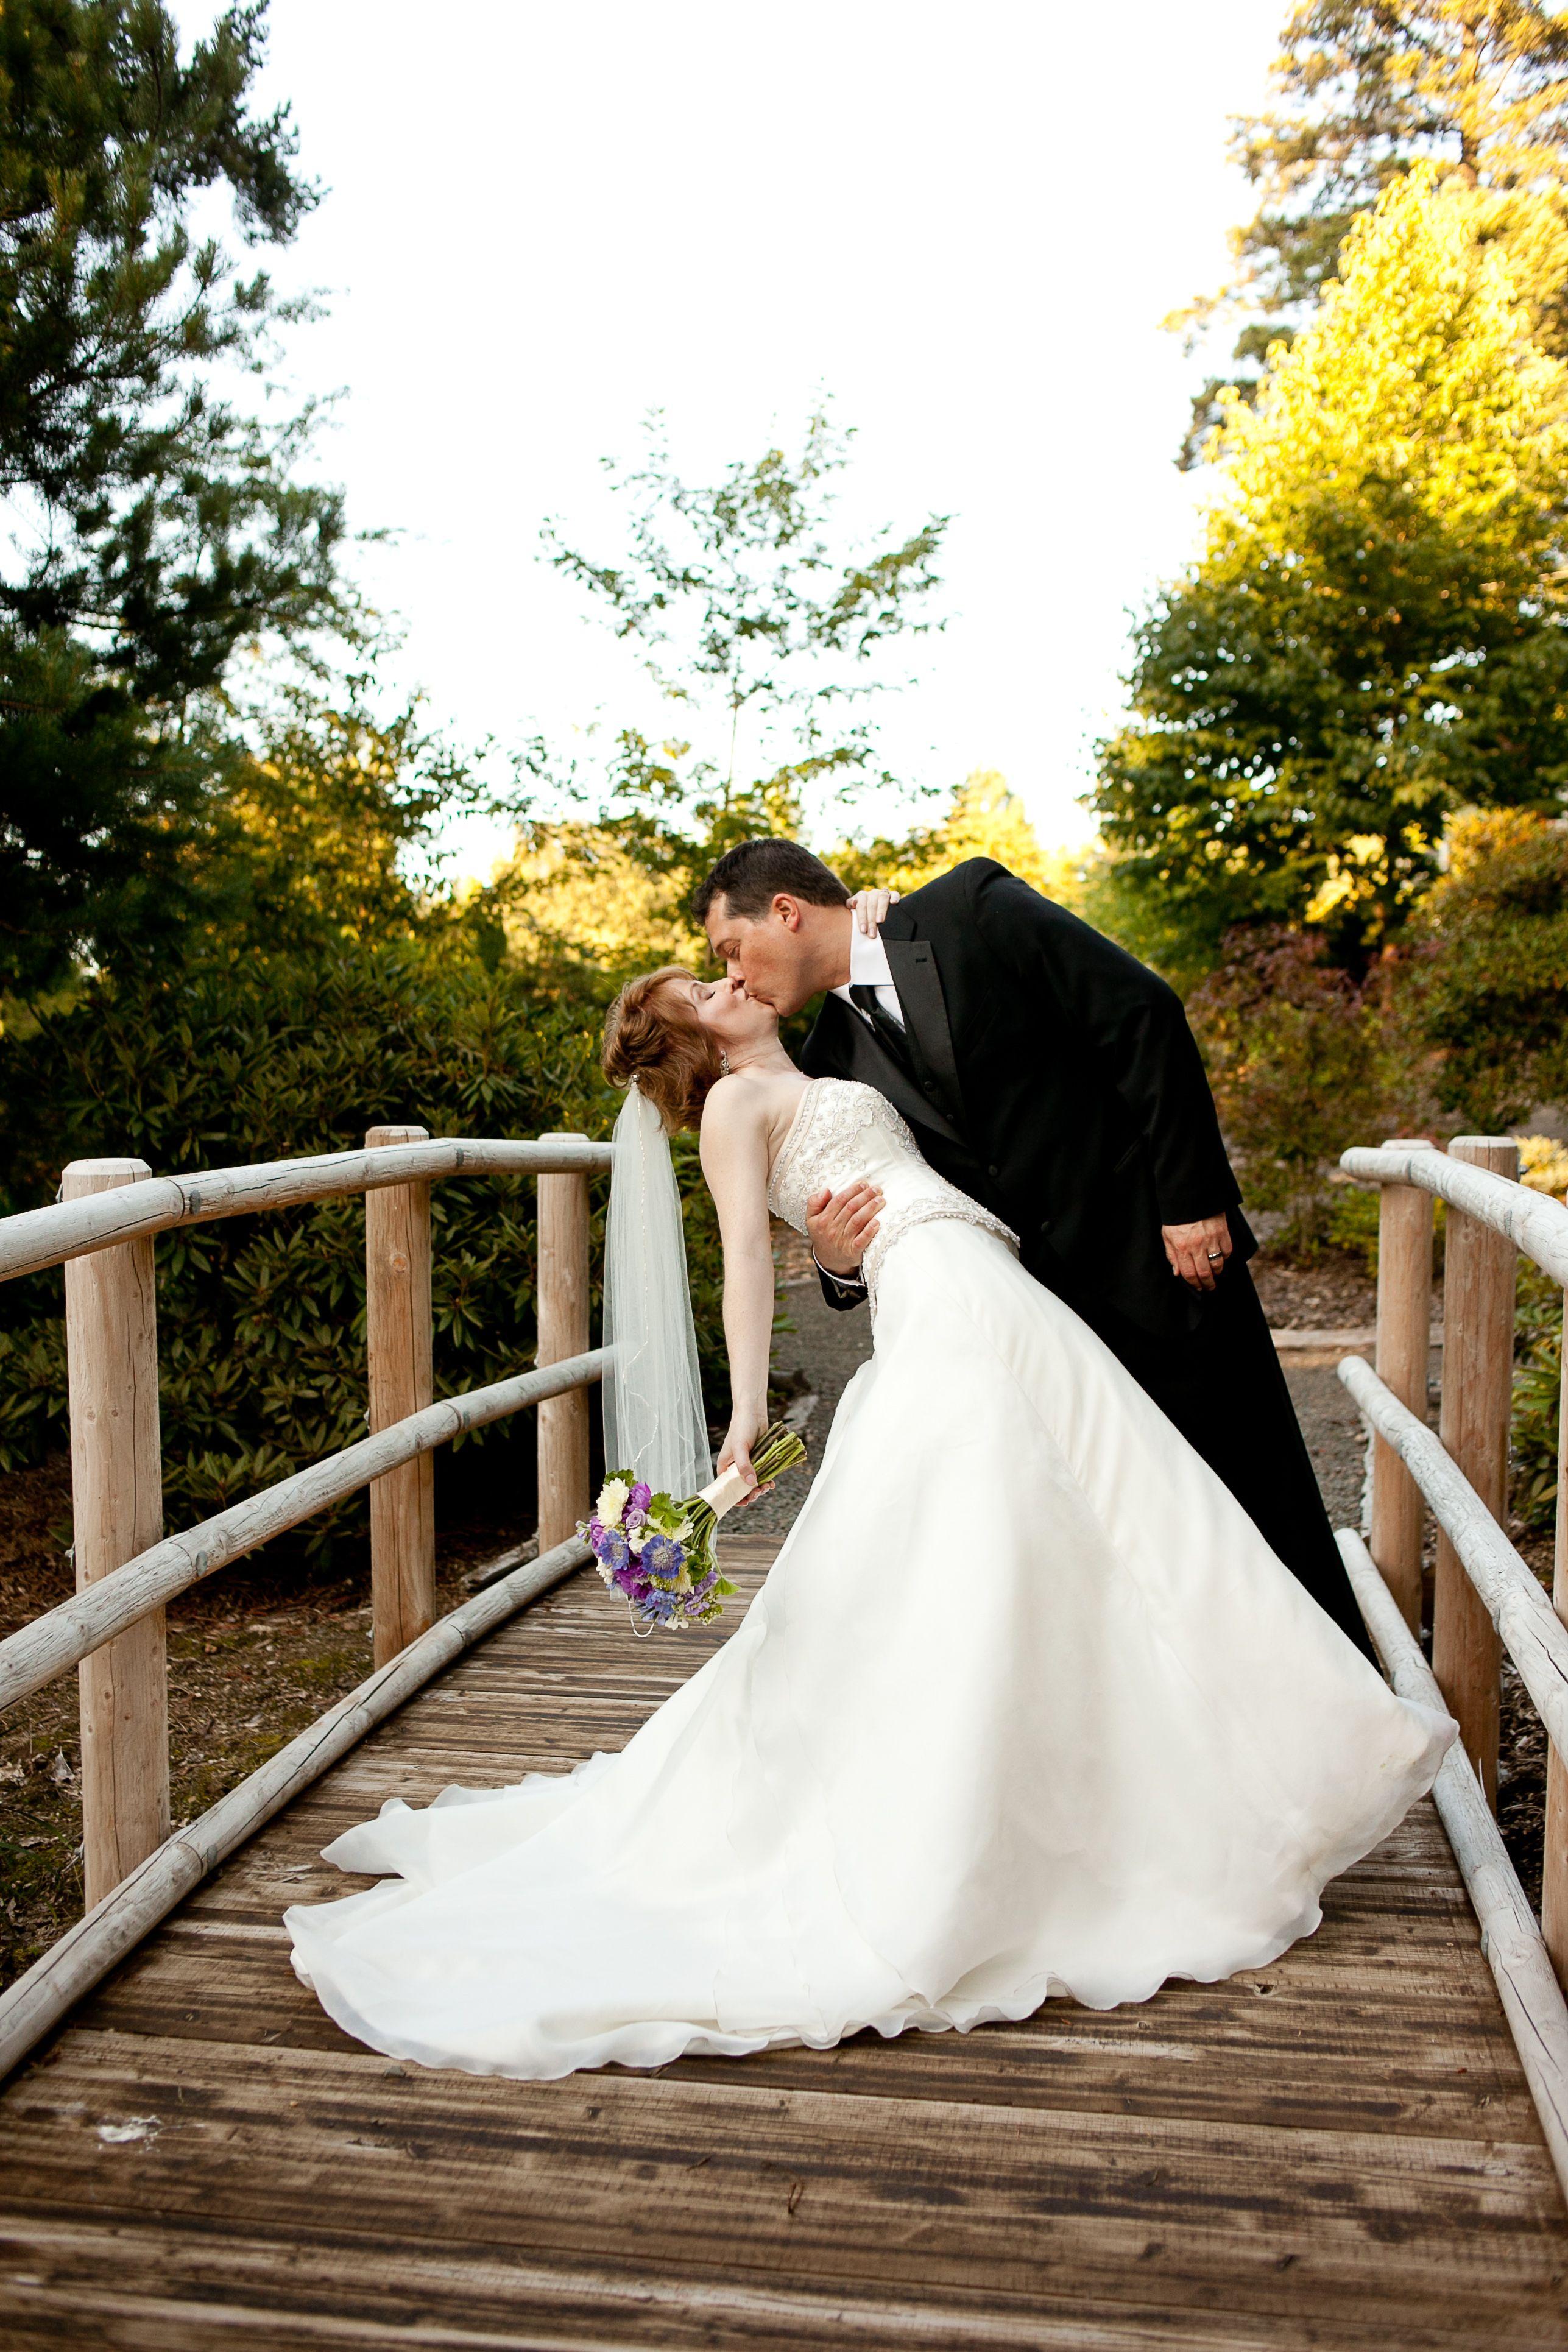 Wedding pictures at williams-brice stadium diagram